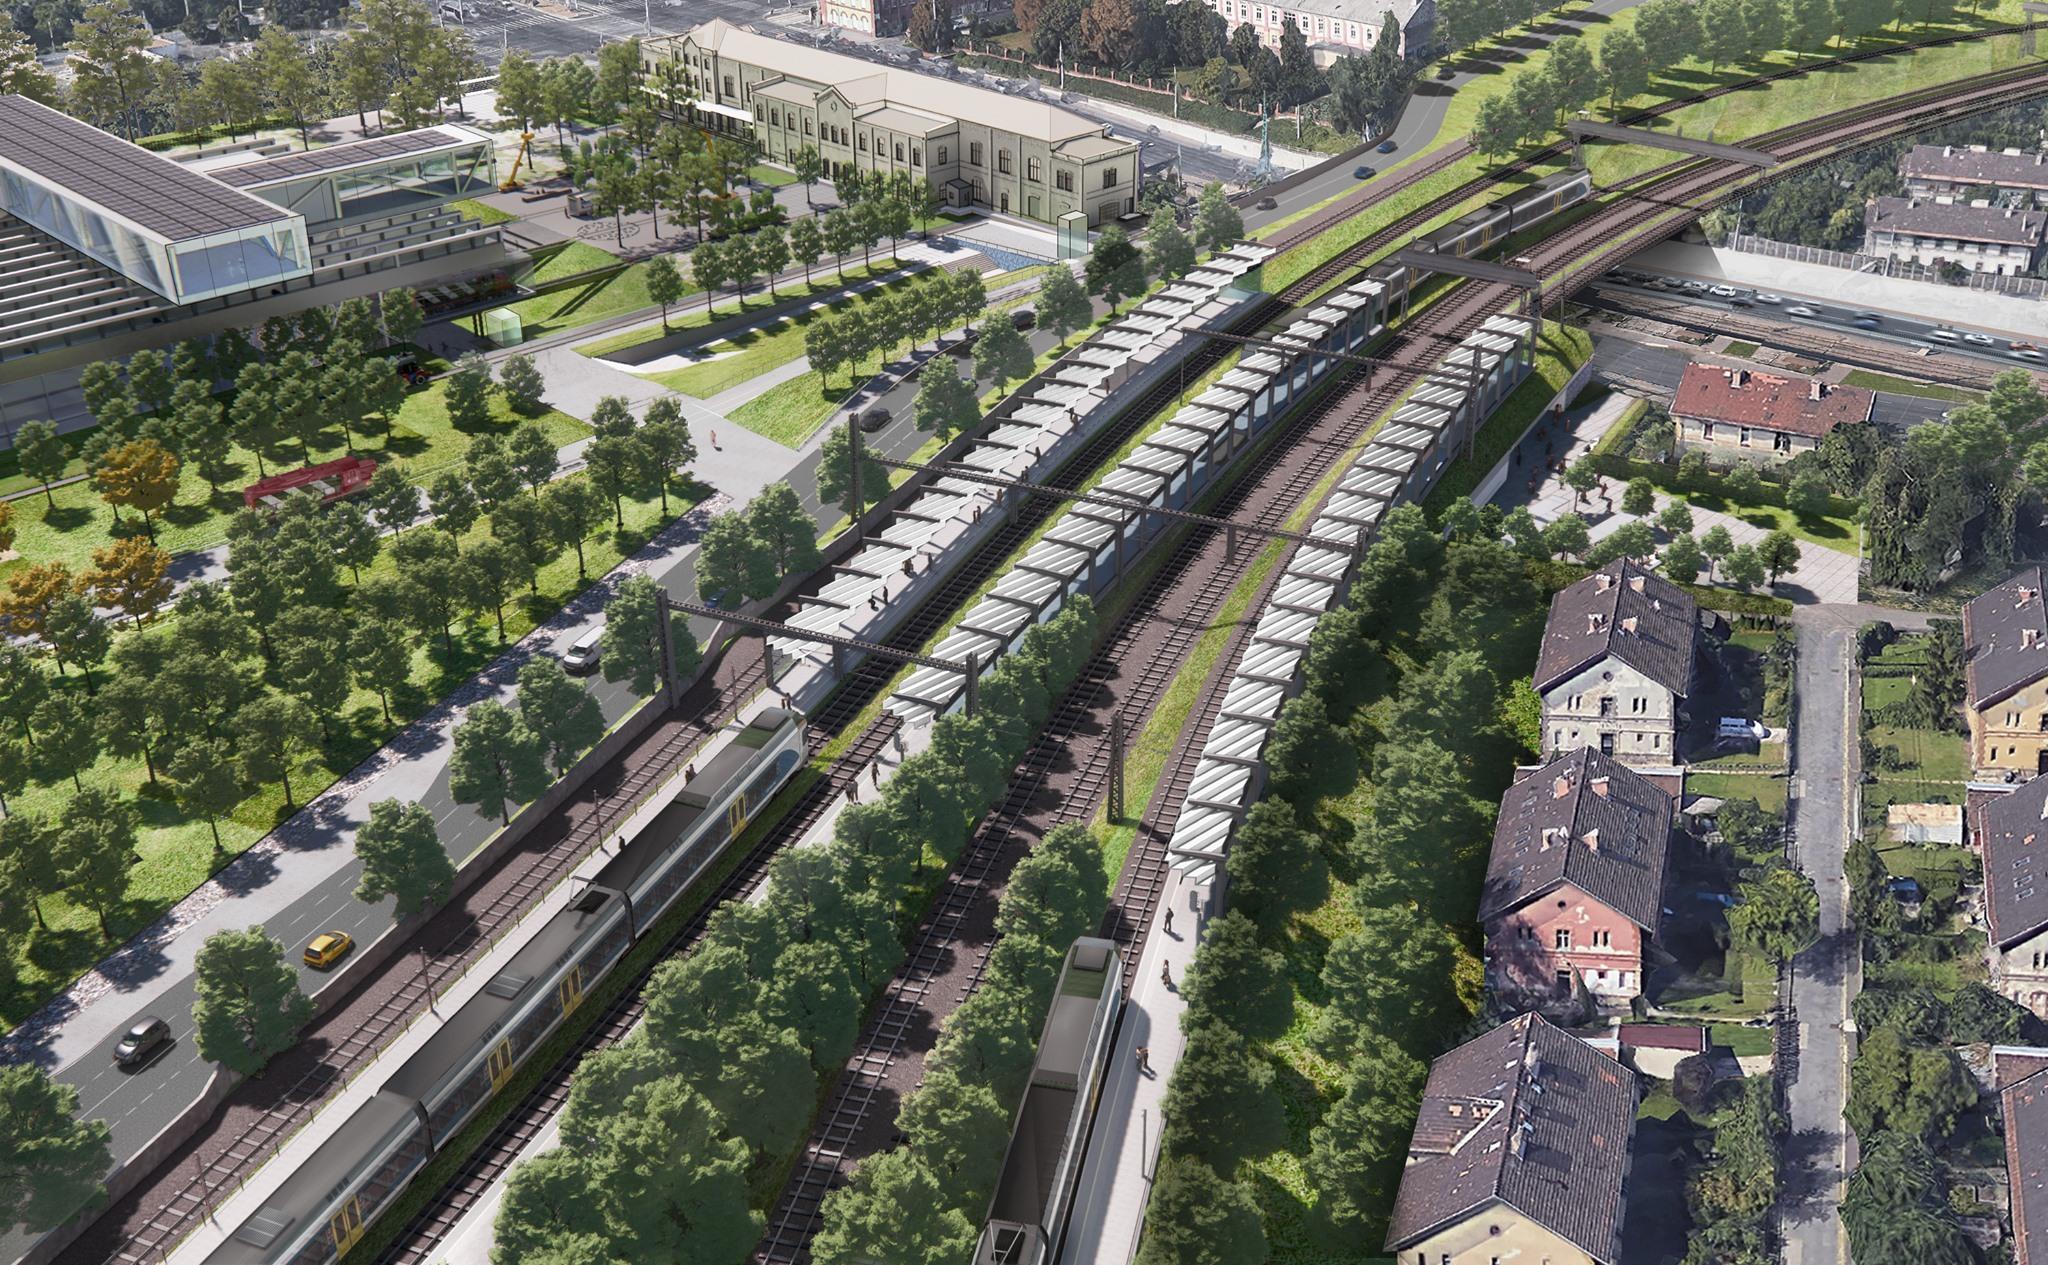 Megkapta az építési engedélyt az új vasúti megálló a leendő közlekedési múzeumnál